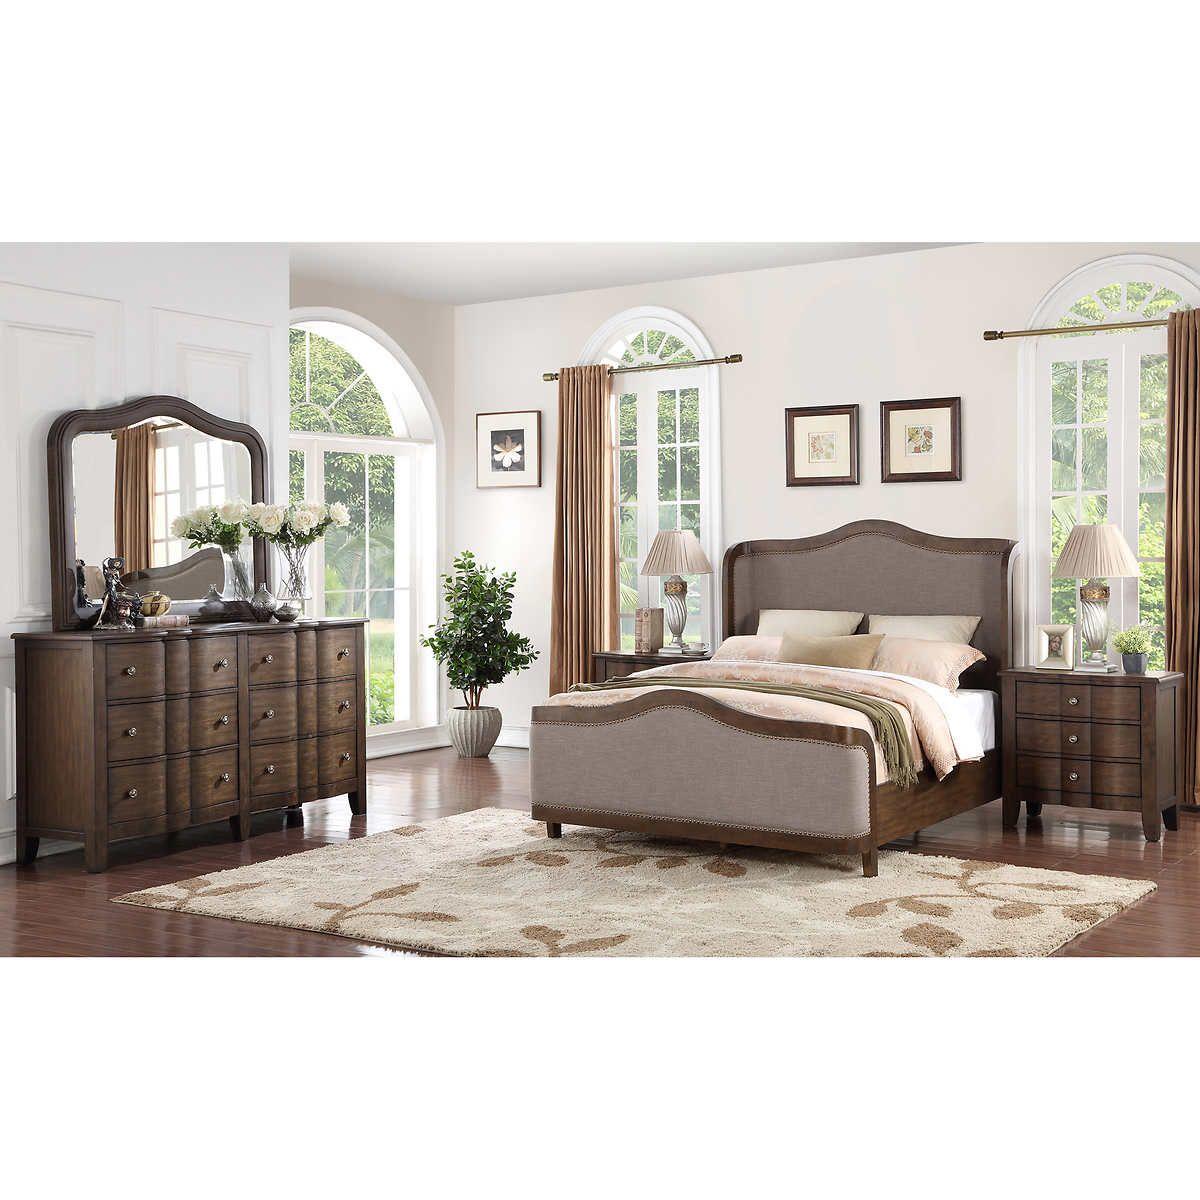 pinkris kelly hert on master bedroom  king bedroom